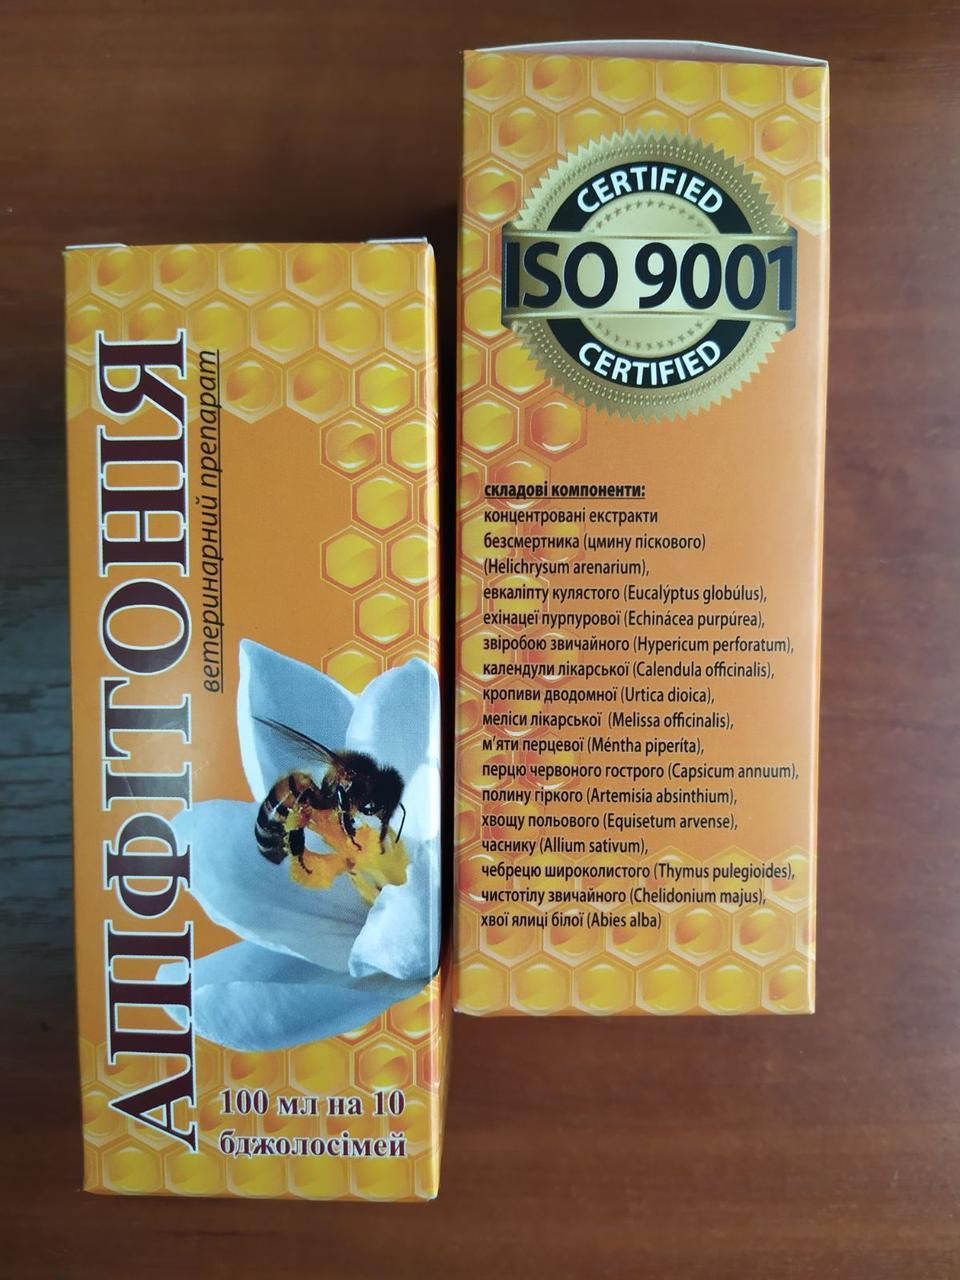 «Апіфітонія»( Апифитония), 100 мл на 10 бджолосімей, імуностимулюючий препарат, Белорусь